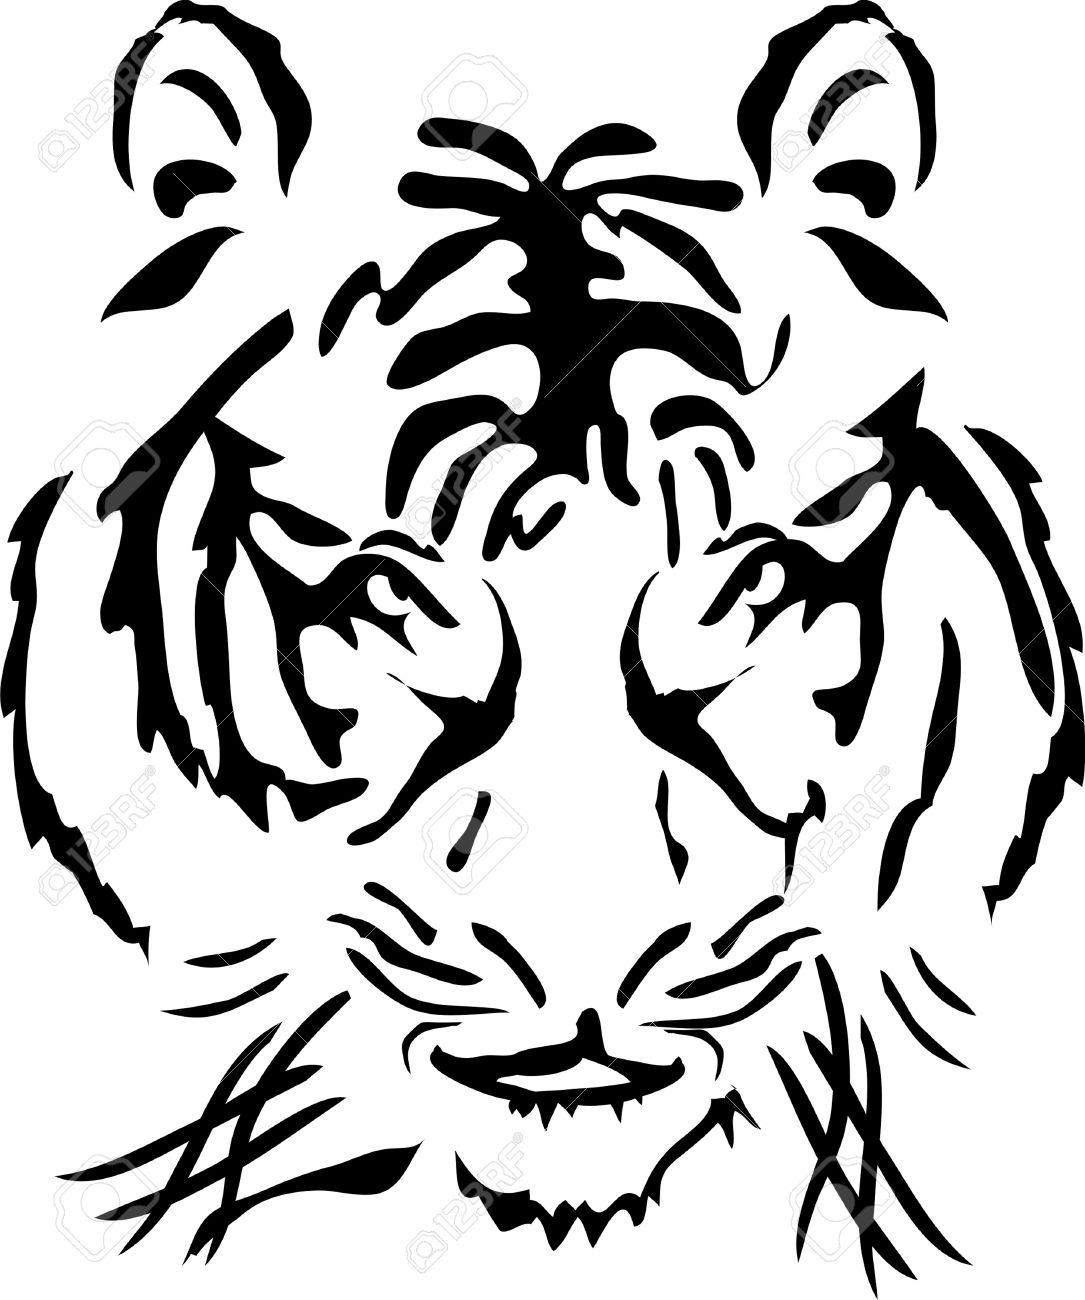 Tigre Bengala Clipart Download Tigre Bengala Clipart